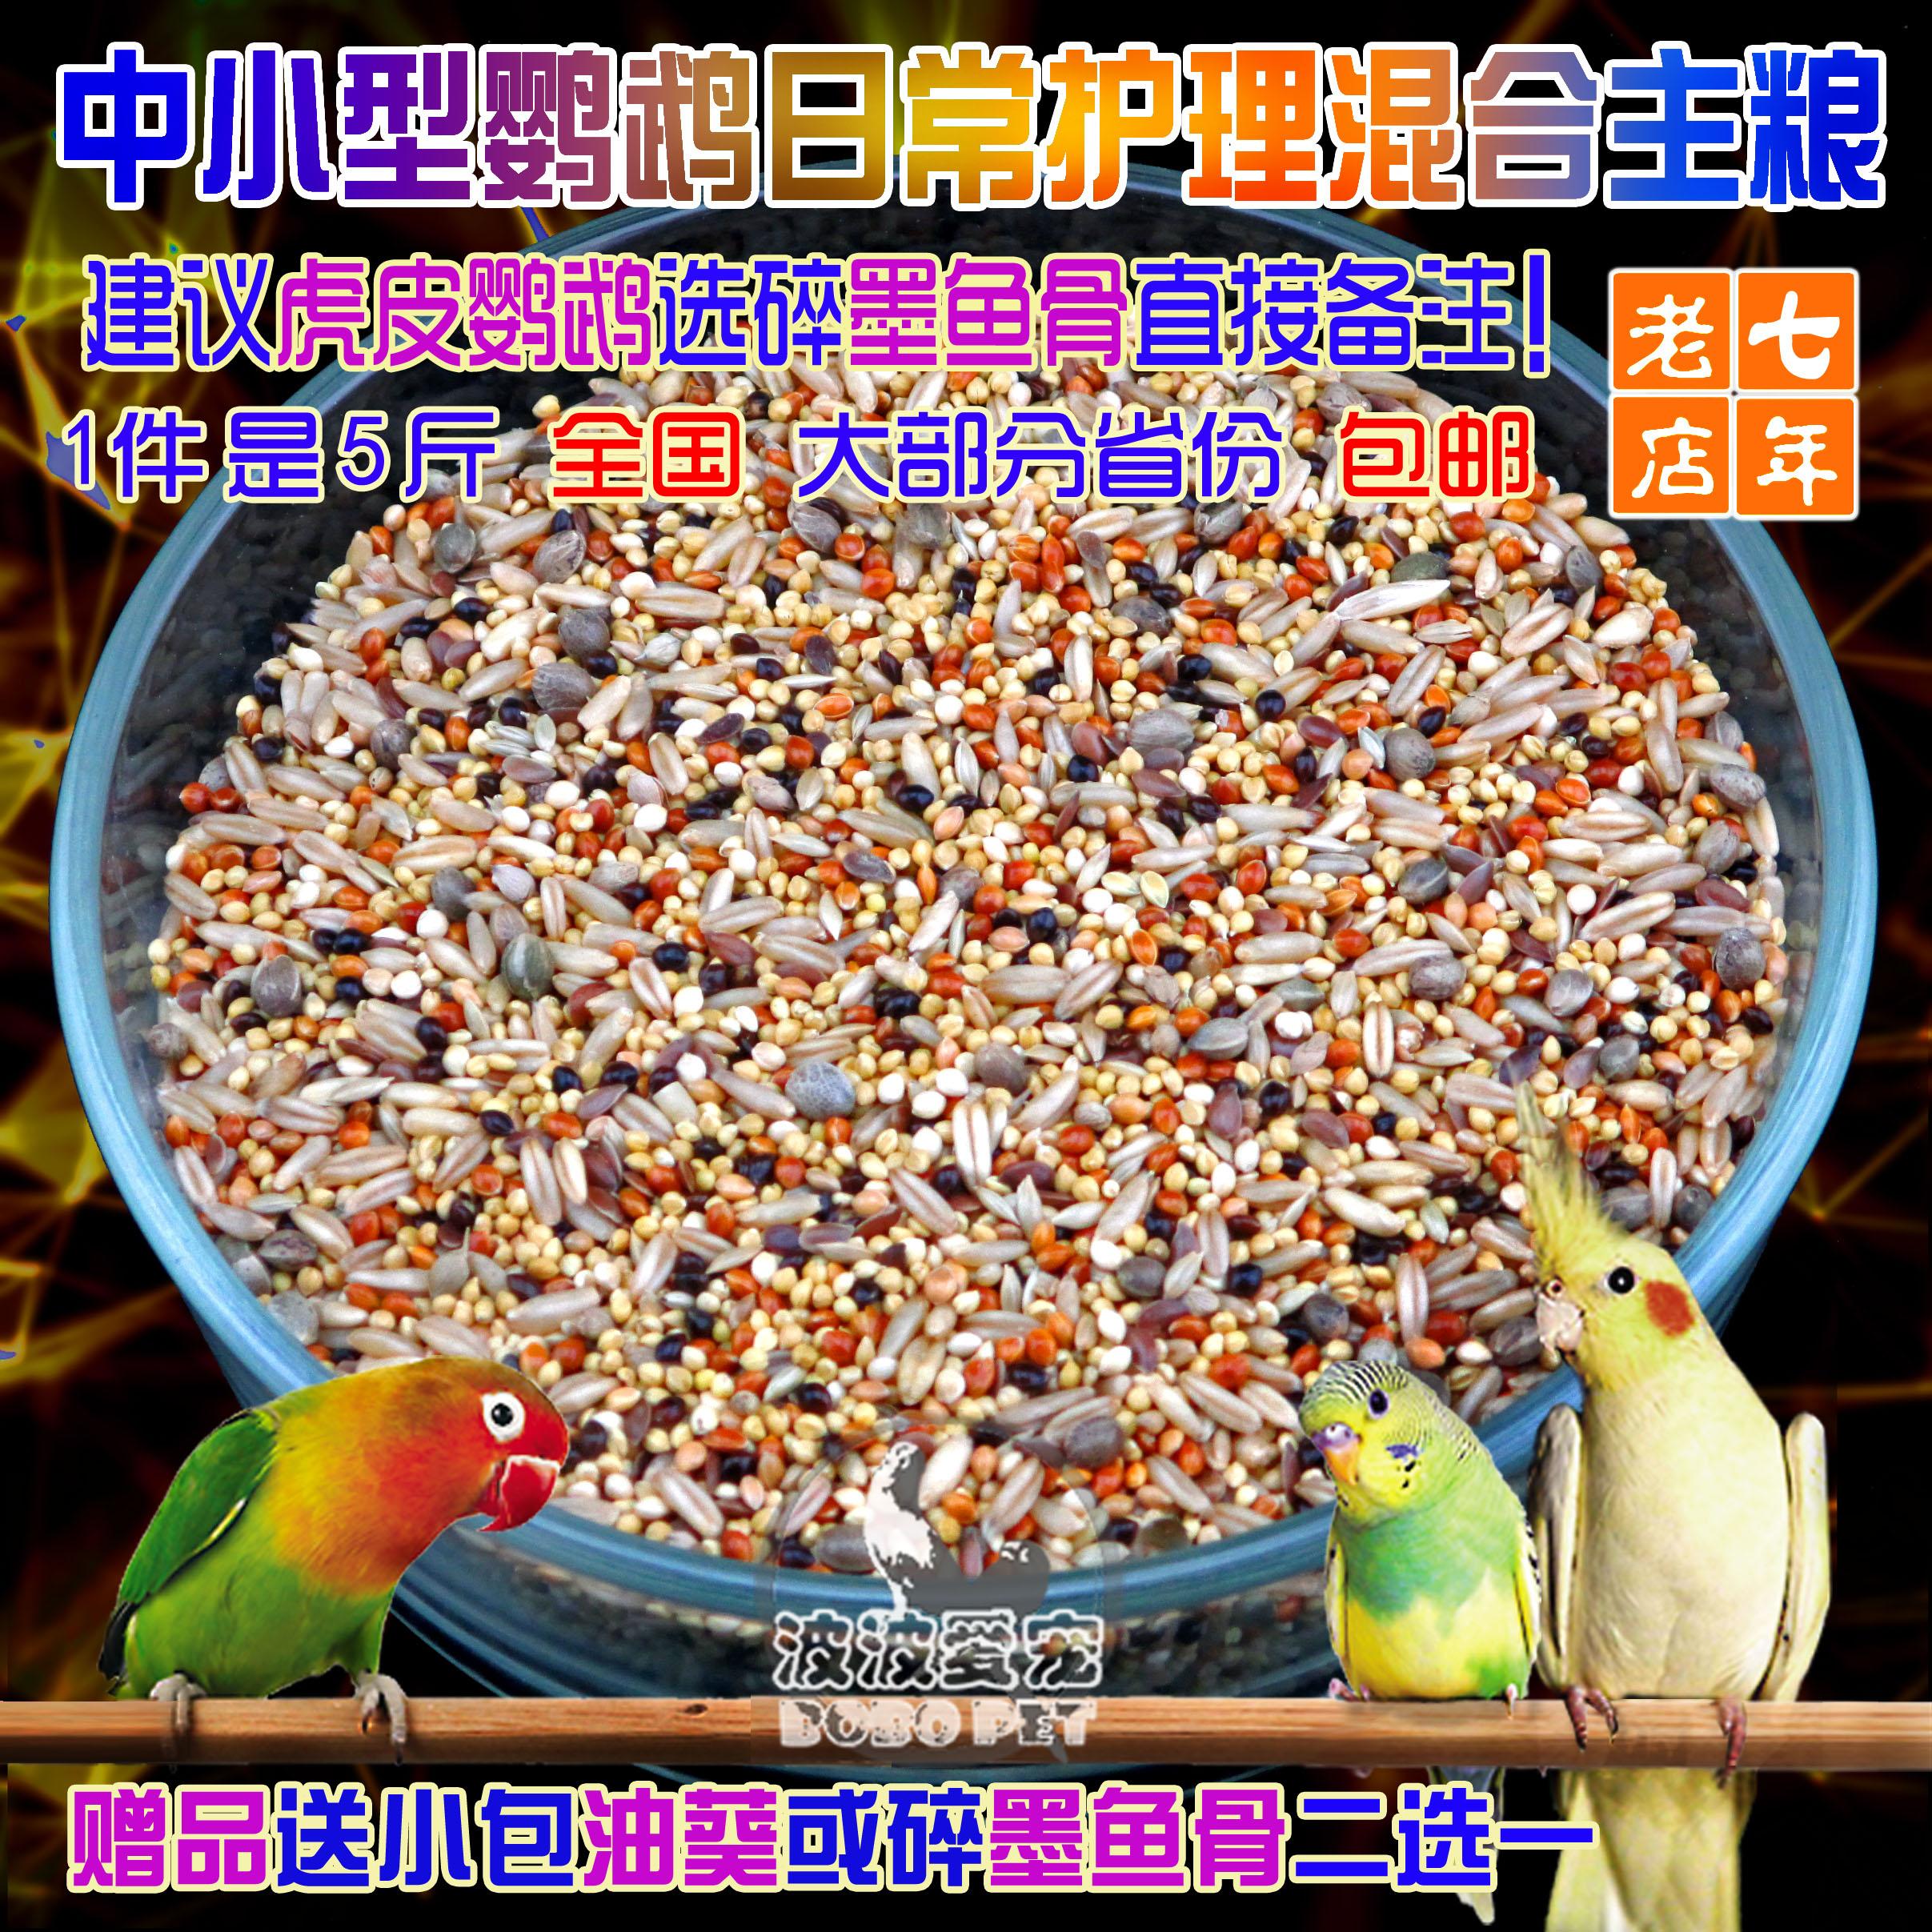 虎皮牡丹玄凤玫瑰中小型鹦鹉饲料鸟粮五色黍子混合粮谷子包邮5斤